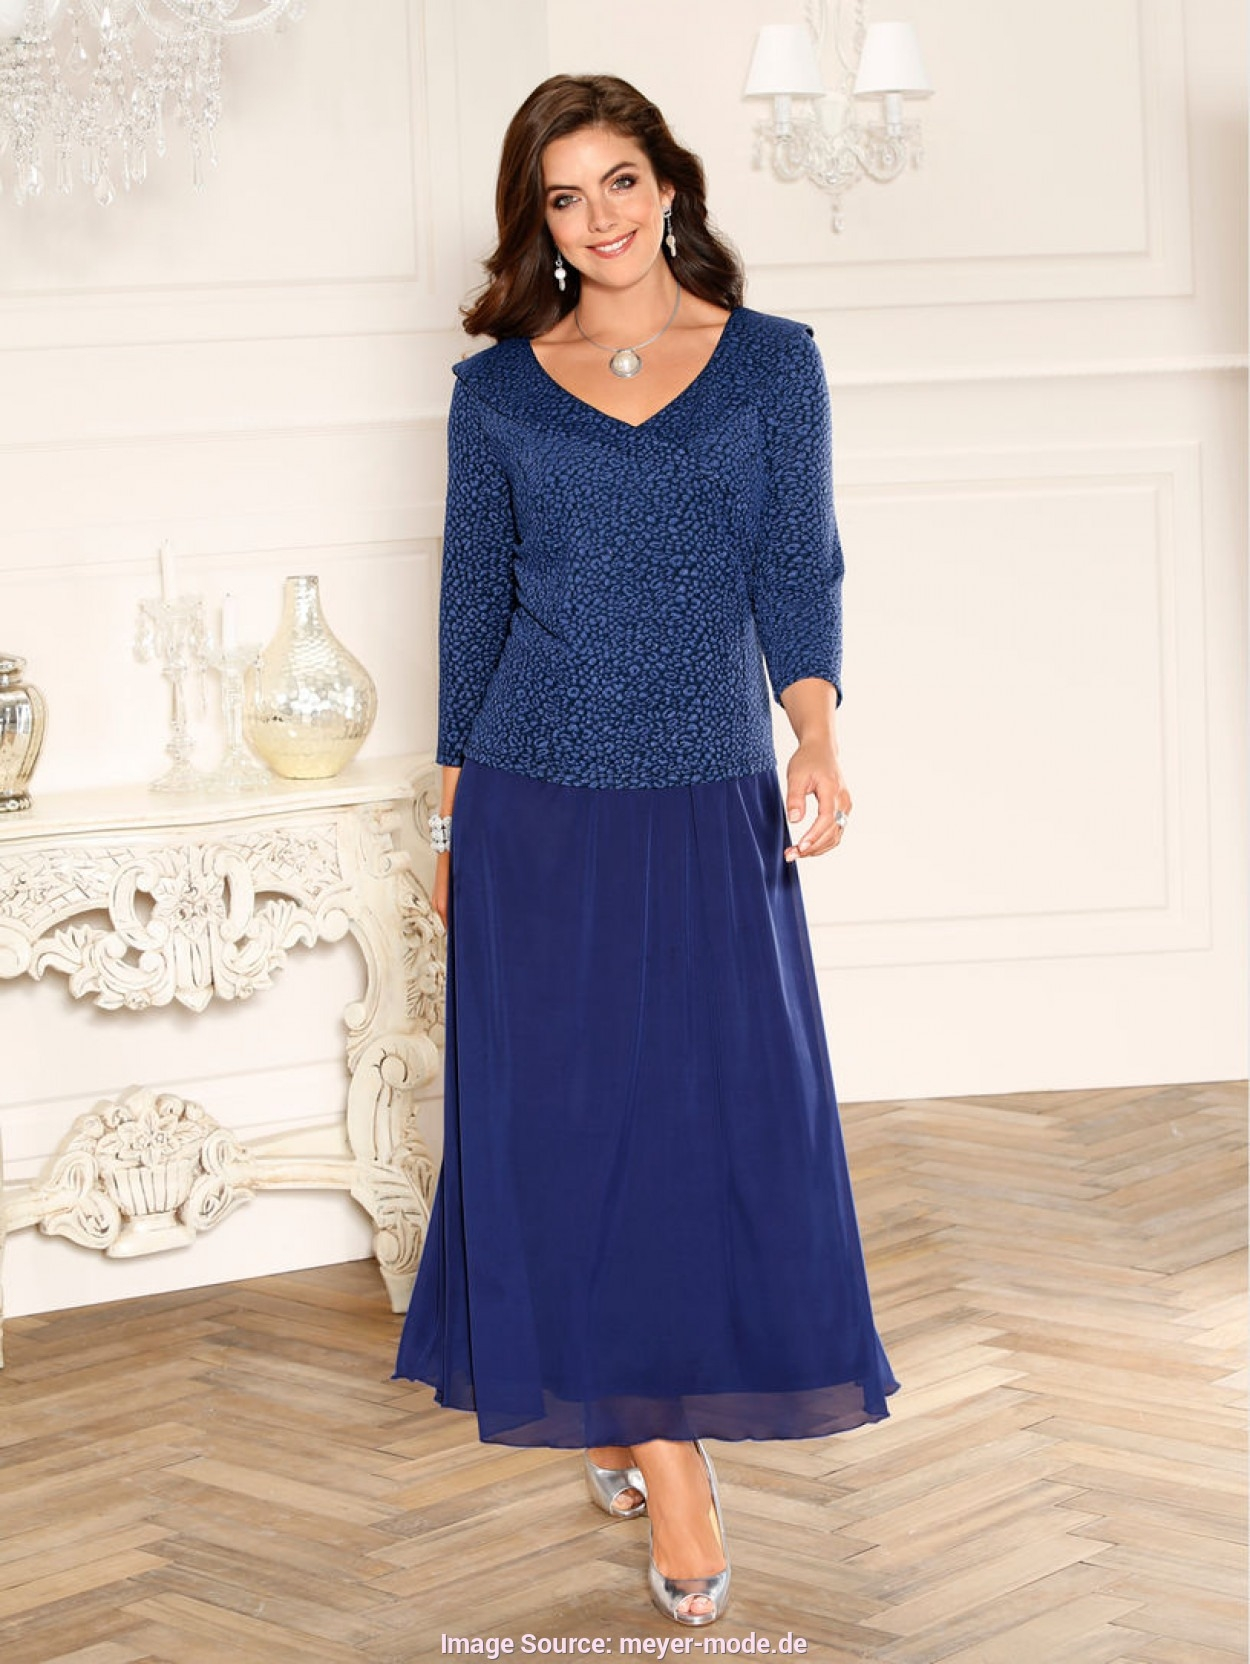 10 Genial Festkleider Für Damen Ab 50 Stylish20 Ausgezeichnet Festkleider Für Damen Ab 50 für 2019